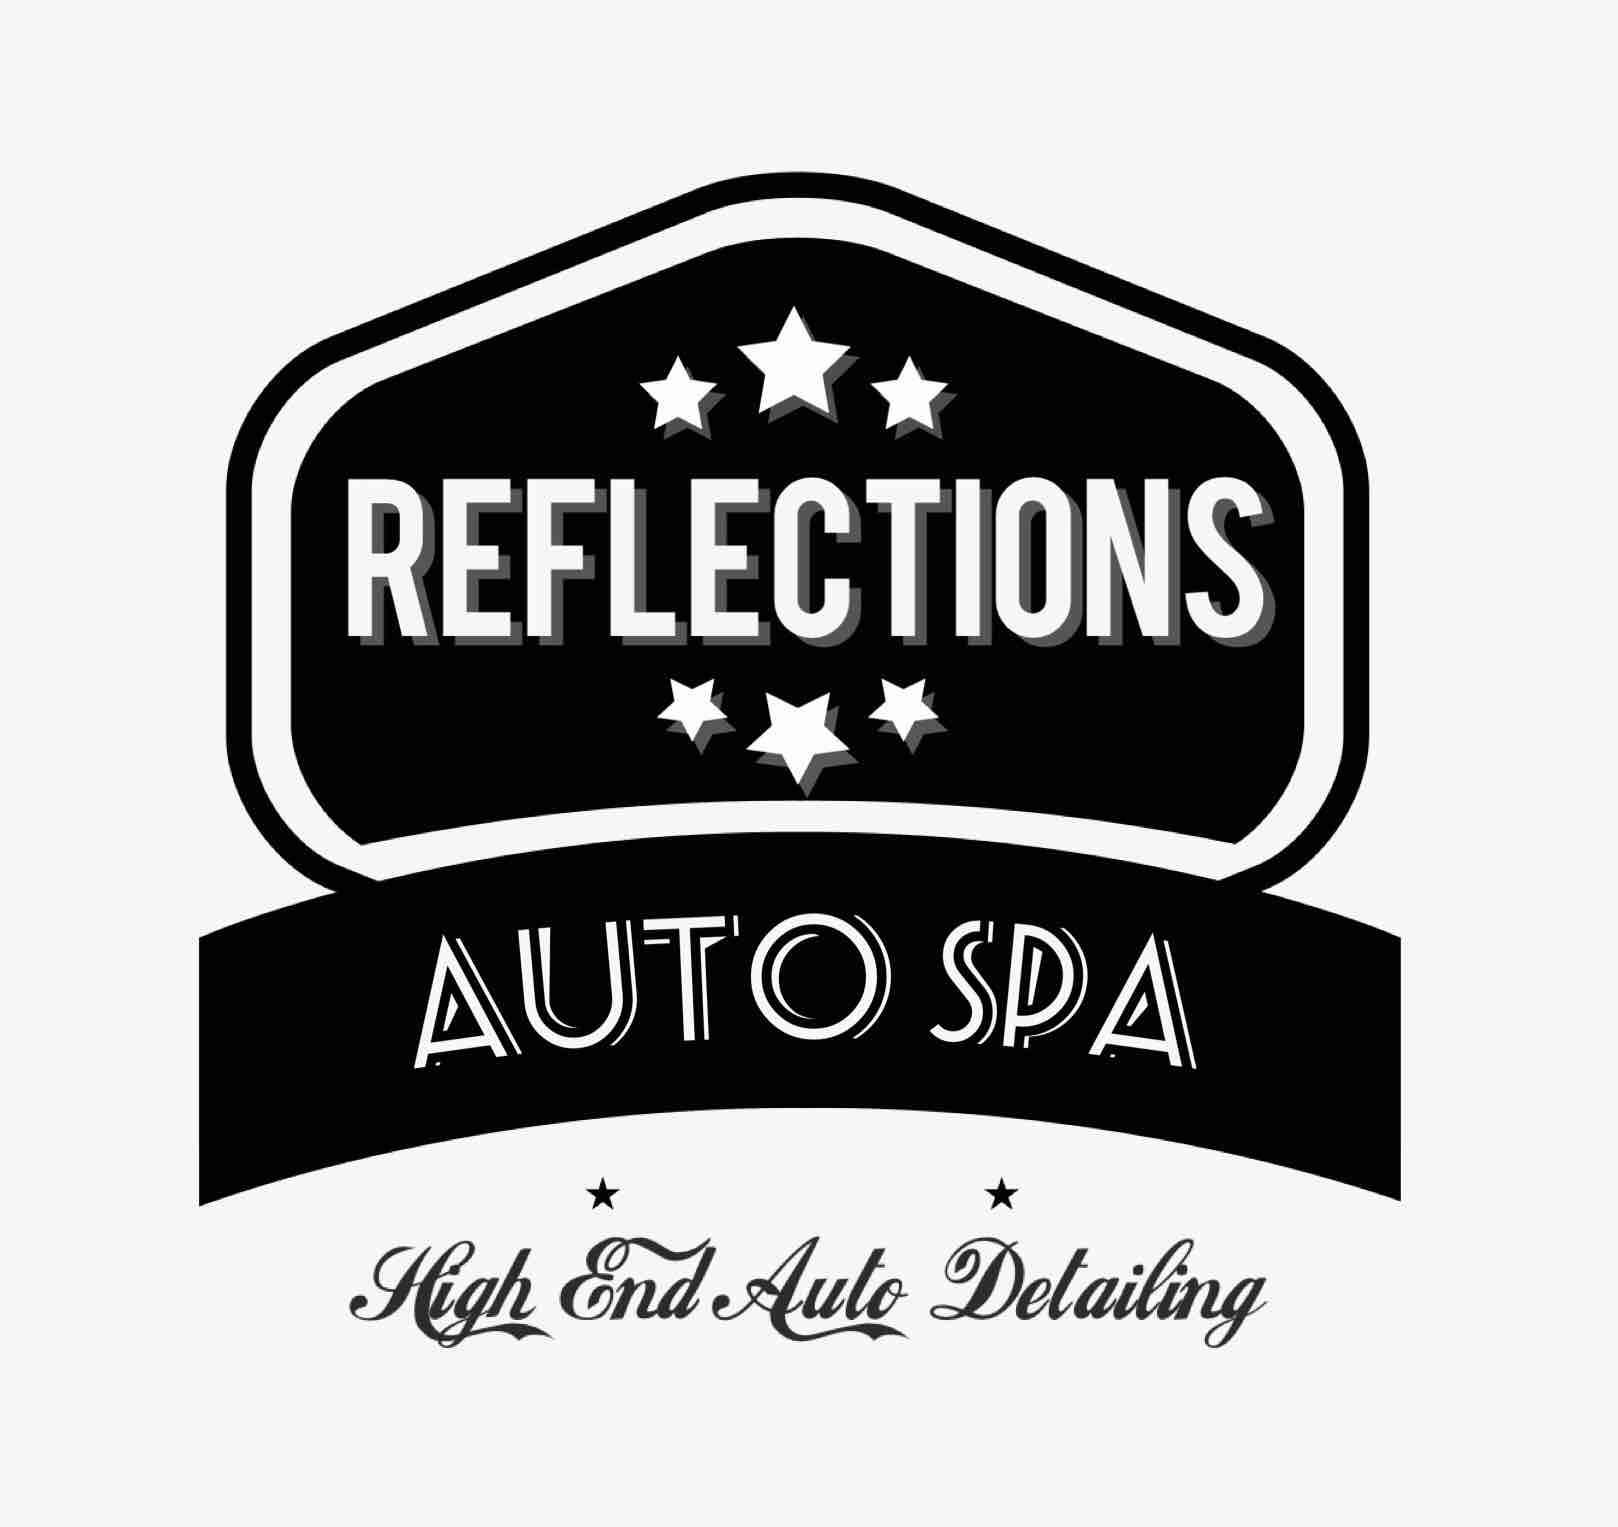 Reflections Auto Spa